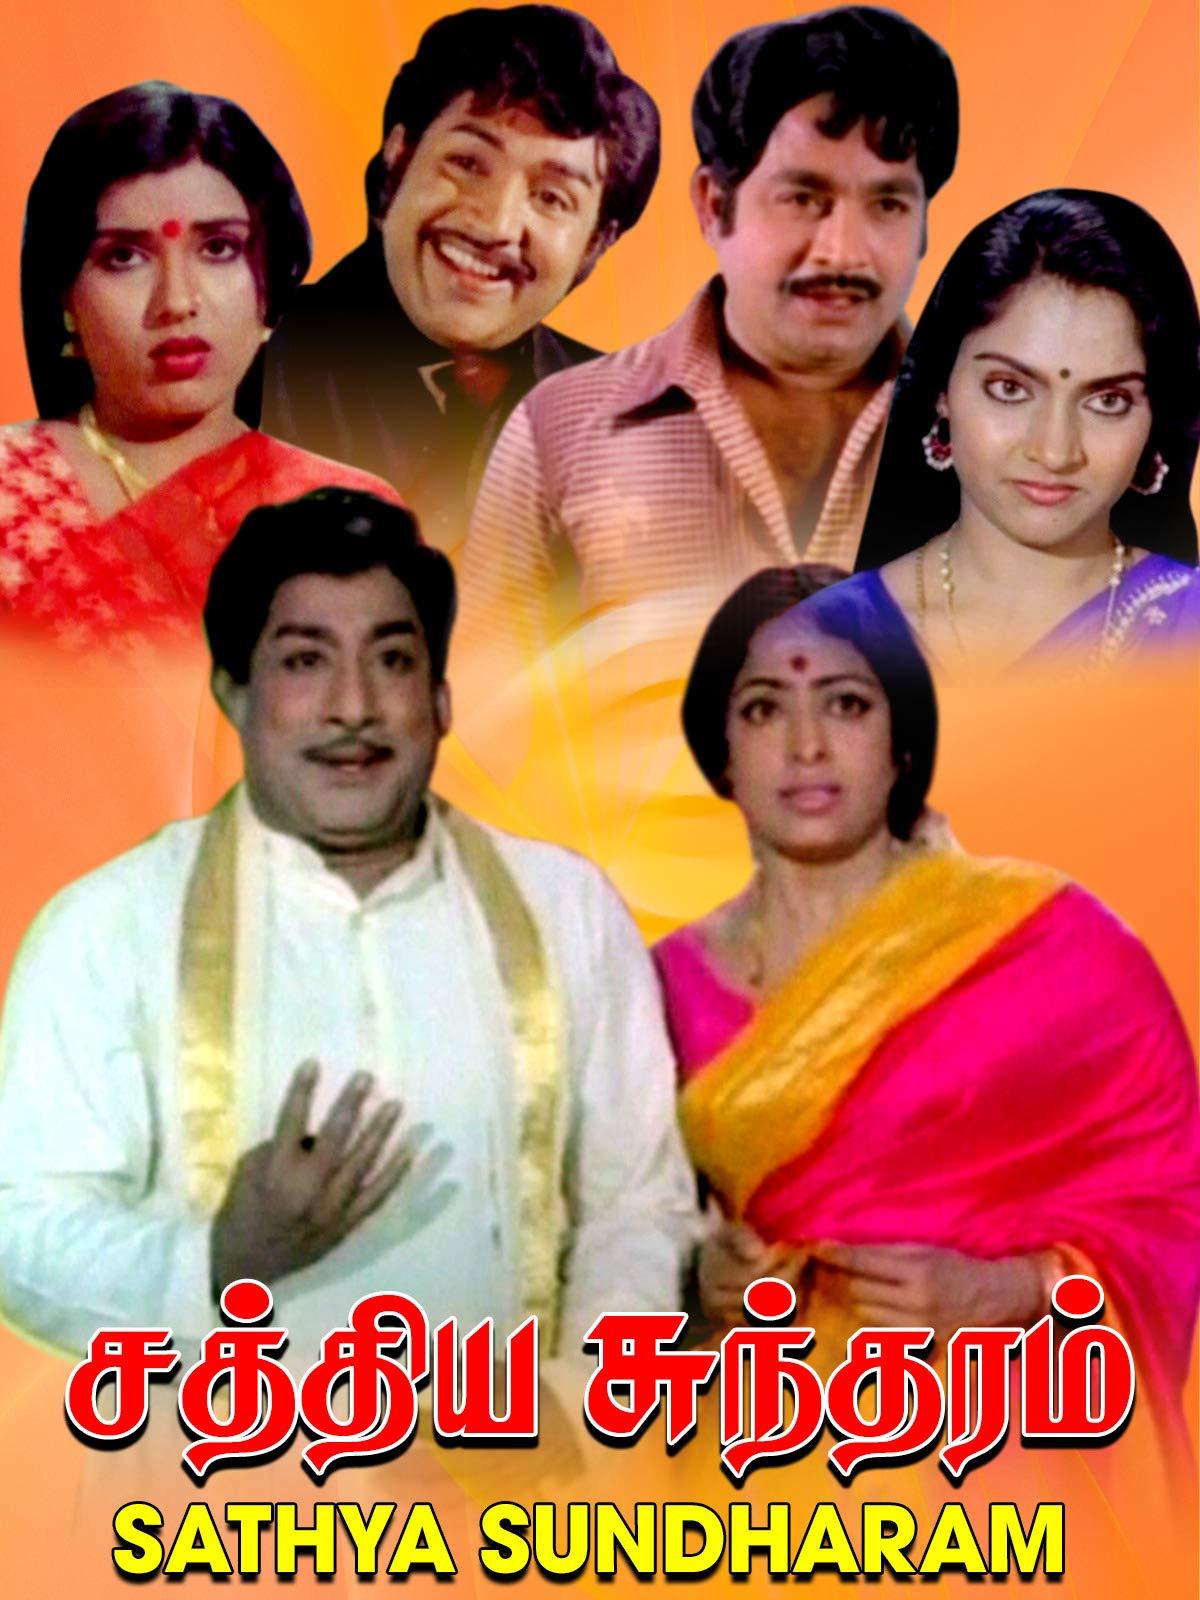 Sathya Sundharam